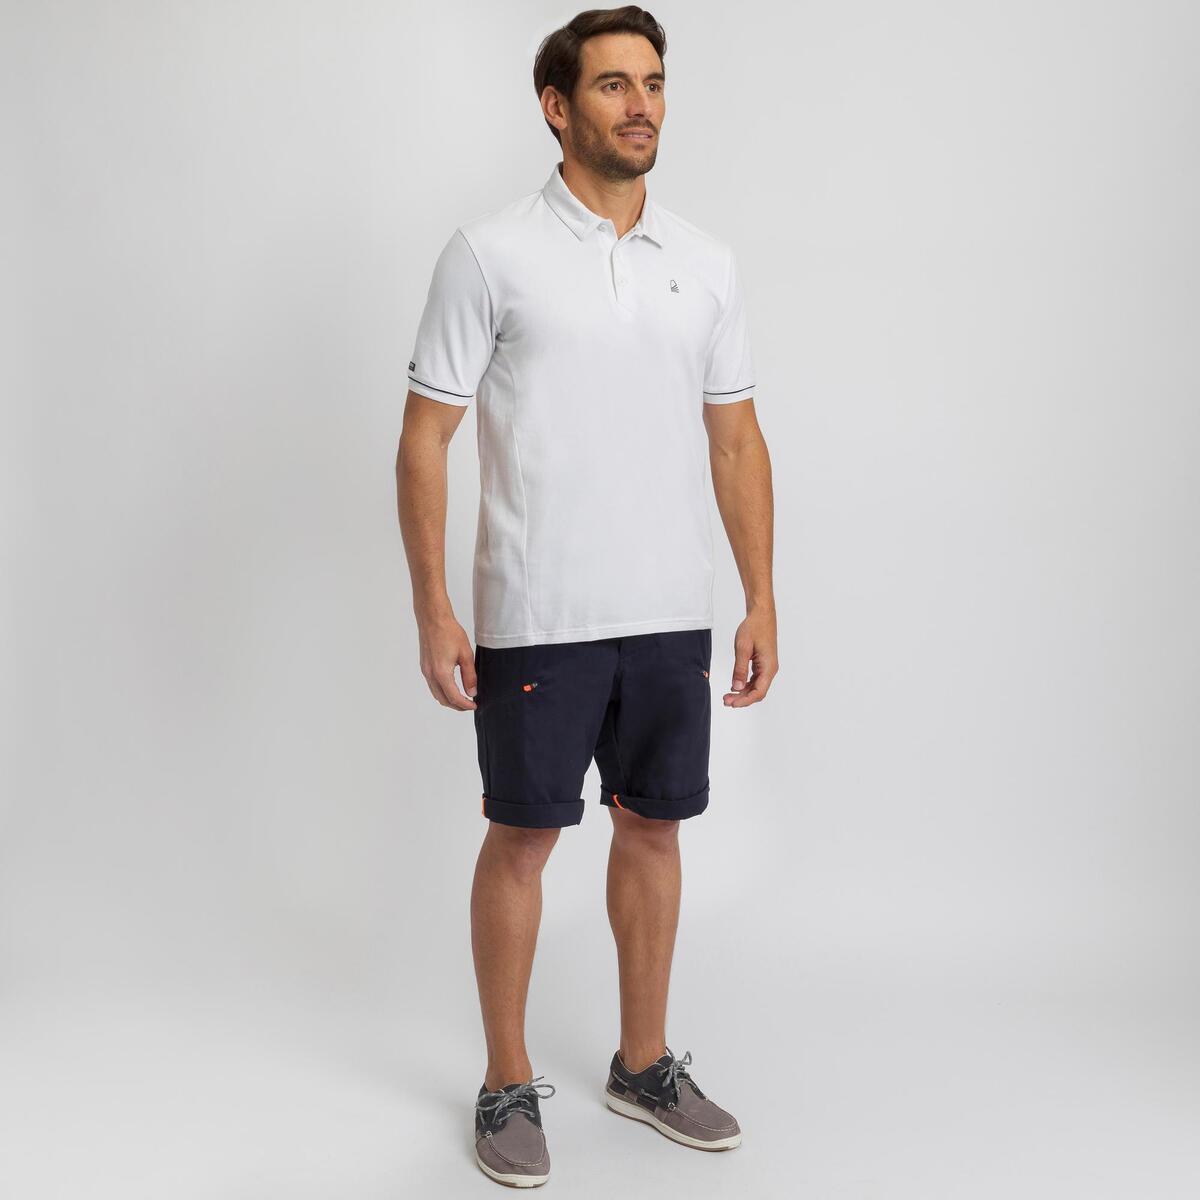 Bild 2 von Poloshirt kurzarm Sailing 100 Herren weiß